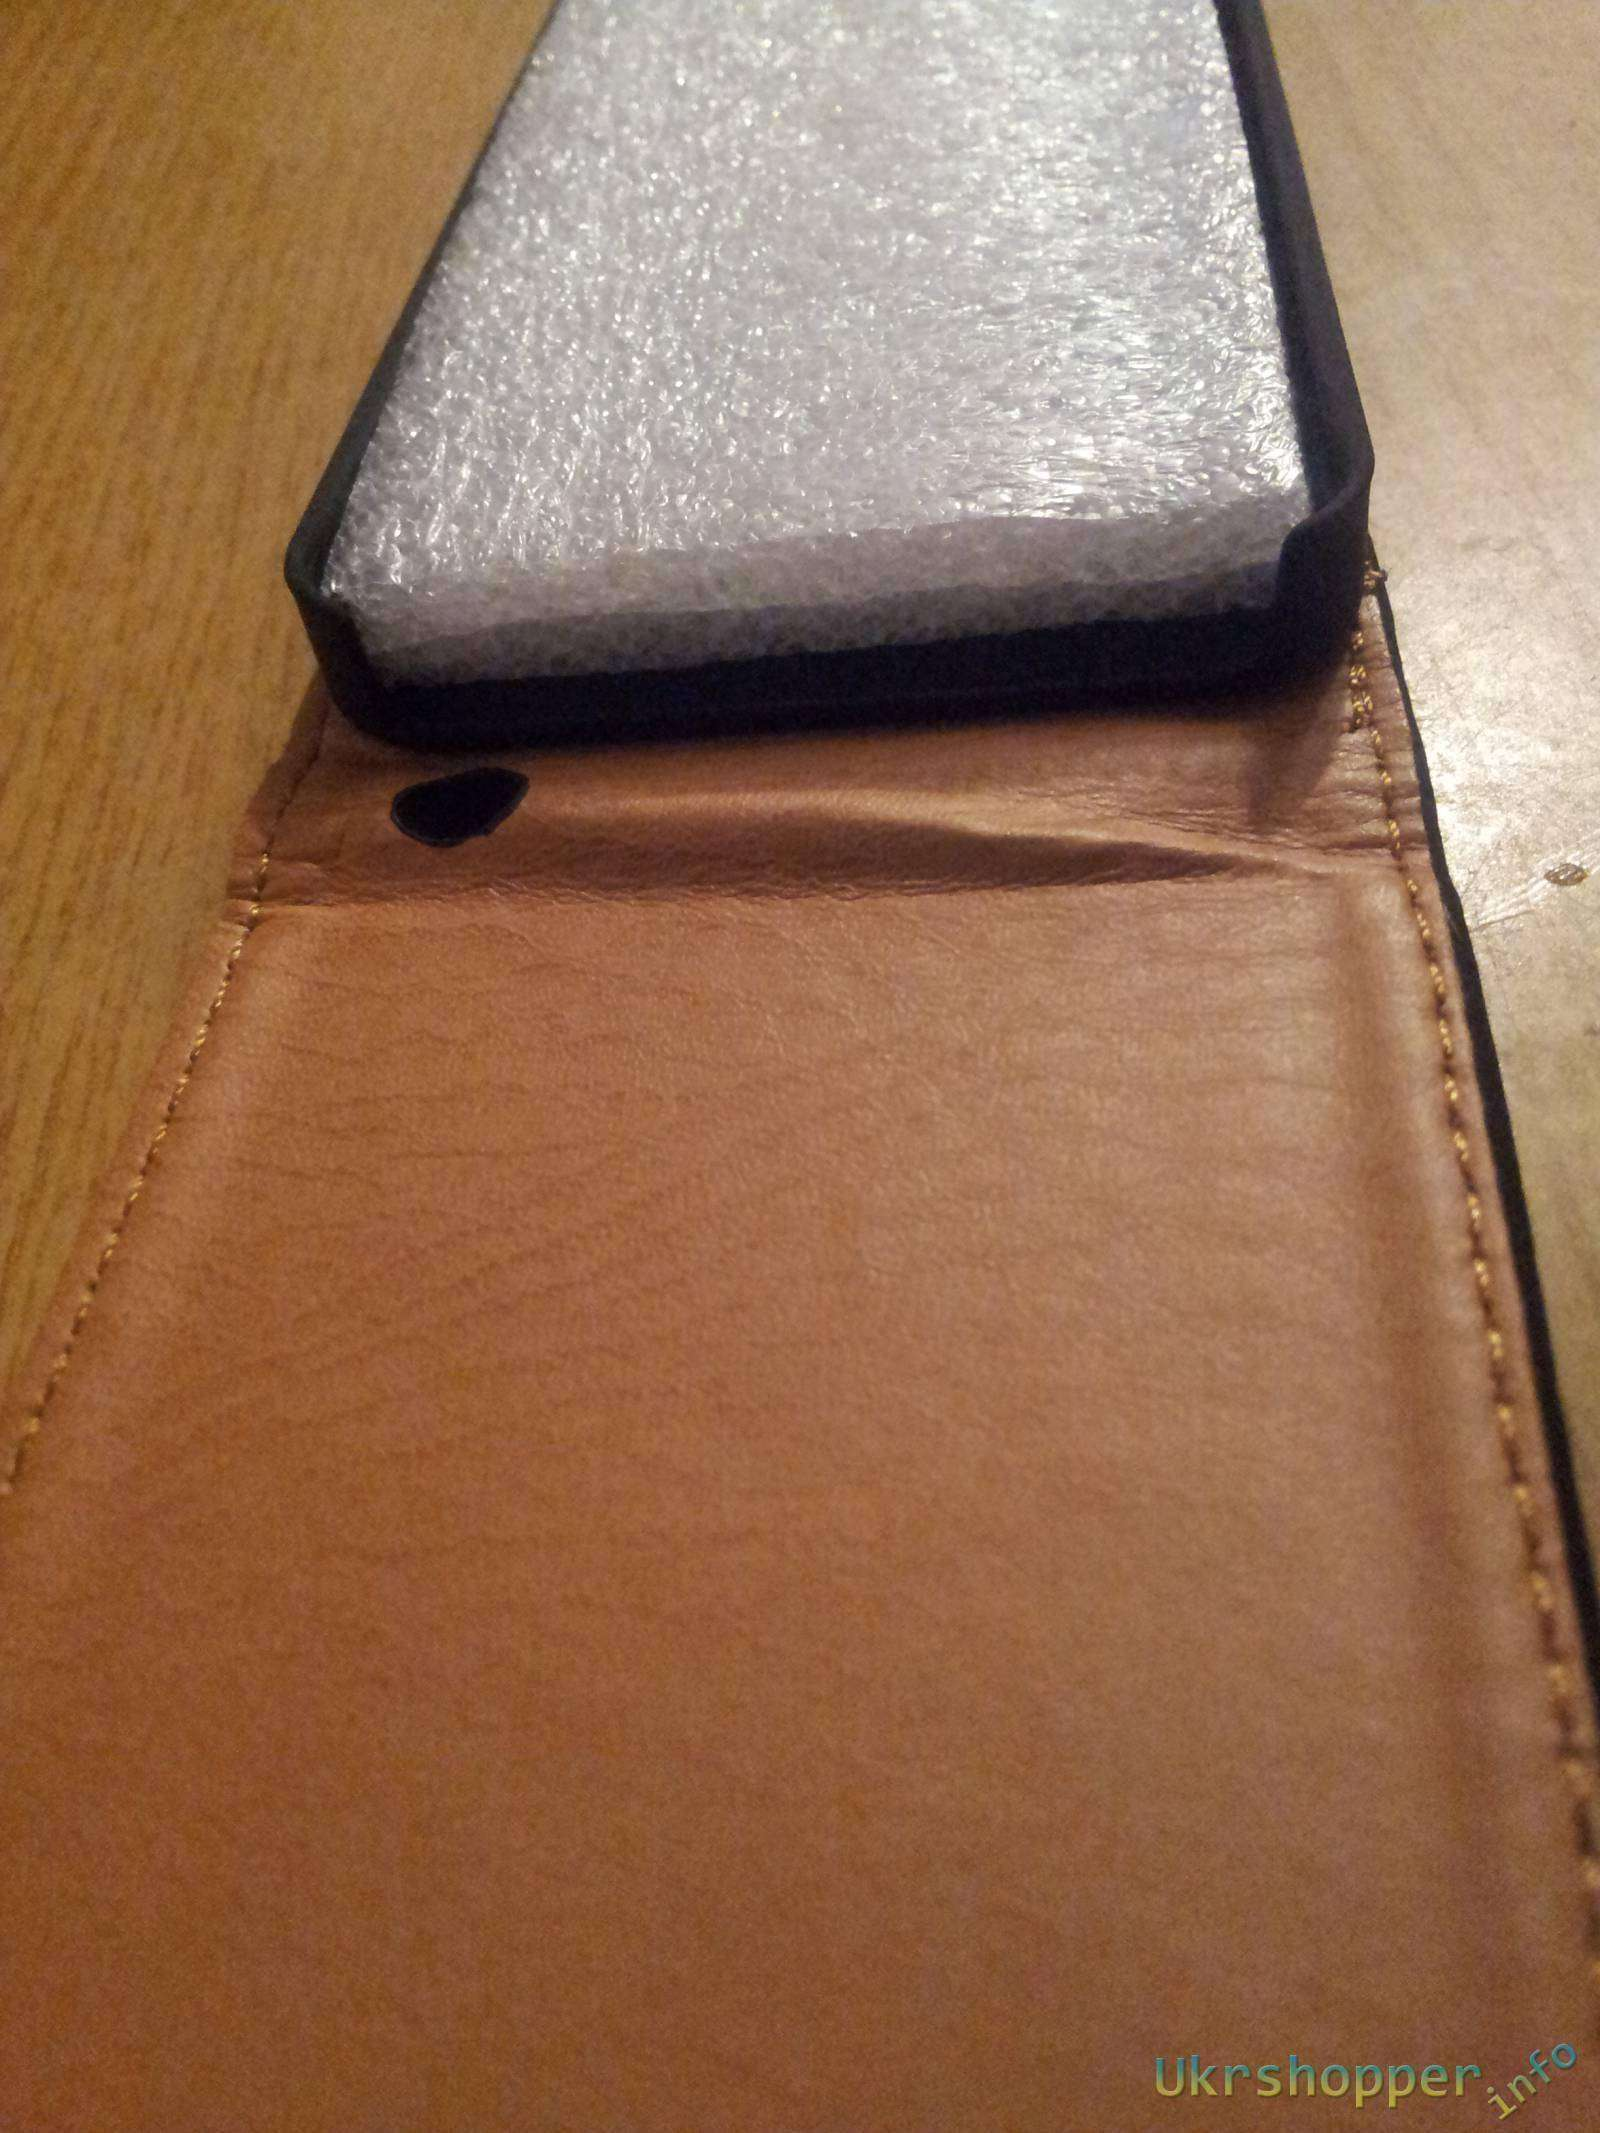 Ebay: Обзор двух видов хороших чехлов для Iphone  5 5S